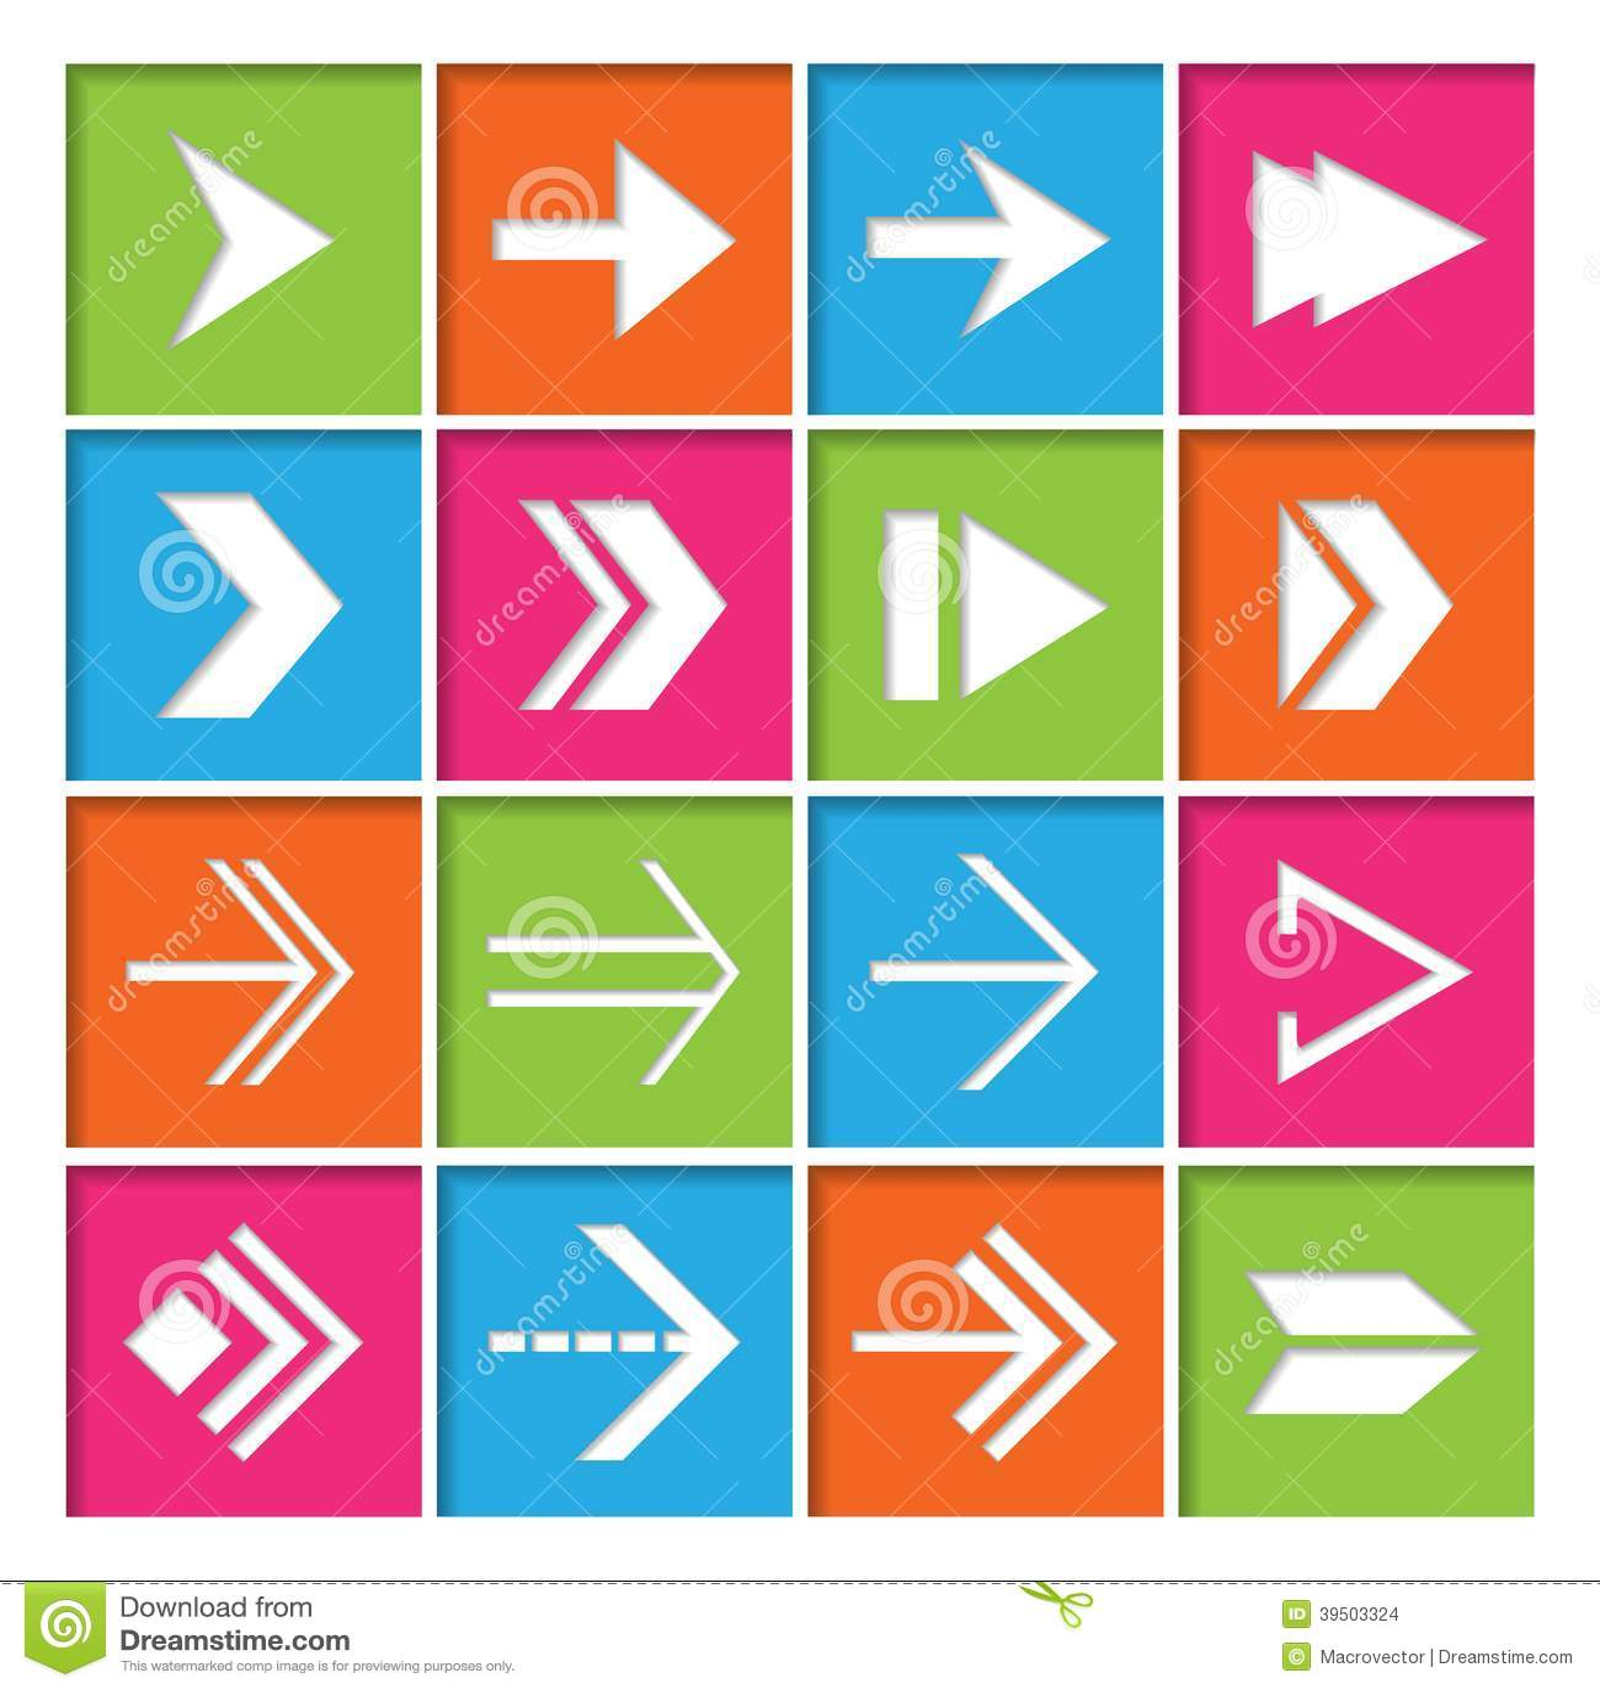 Arrow Symbols Icons Set